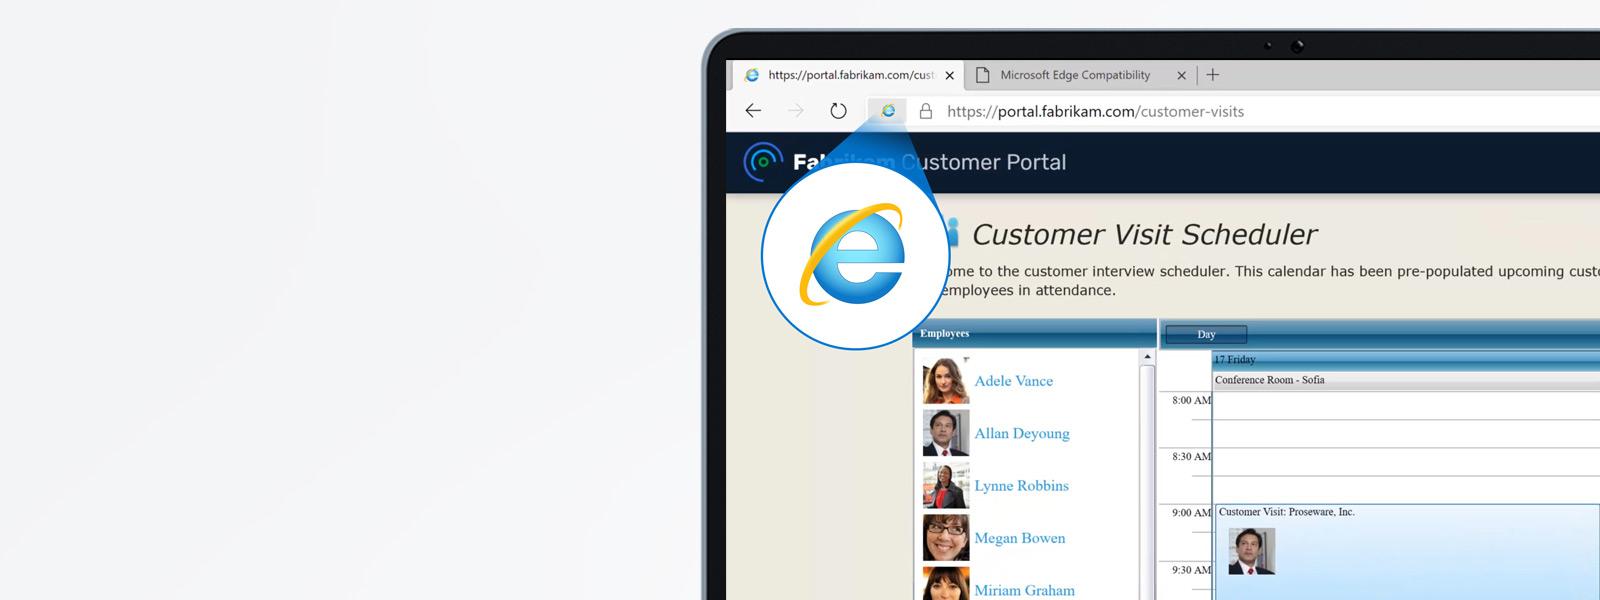 Microsoft Edge böngésző Internet Explorer módban megnyitott oldallal, amelyet az URL-sávban megjelenő Internet Explorer ikon jelez.